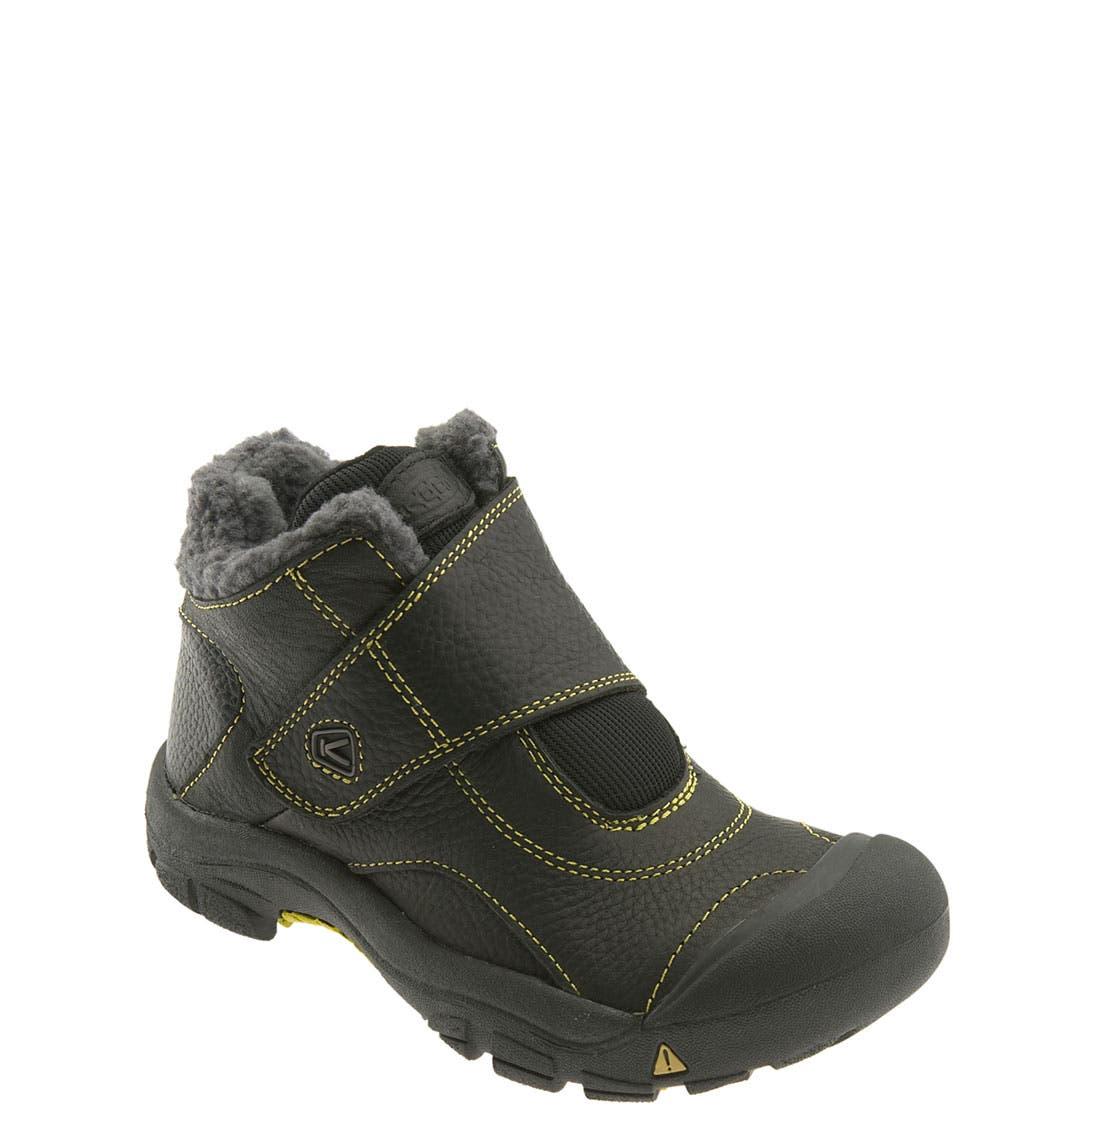 'Kootenay' Boot,                             Main thumbnail 1, color,                             001